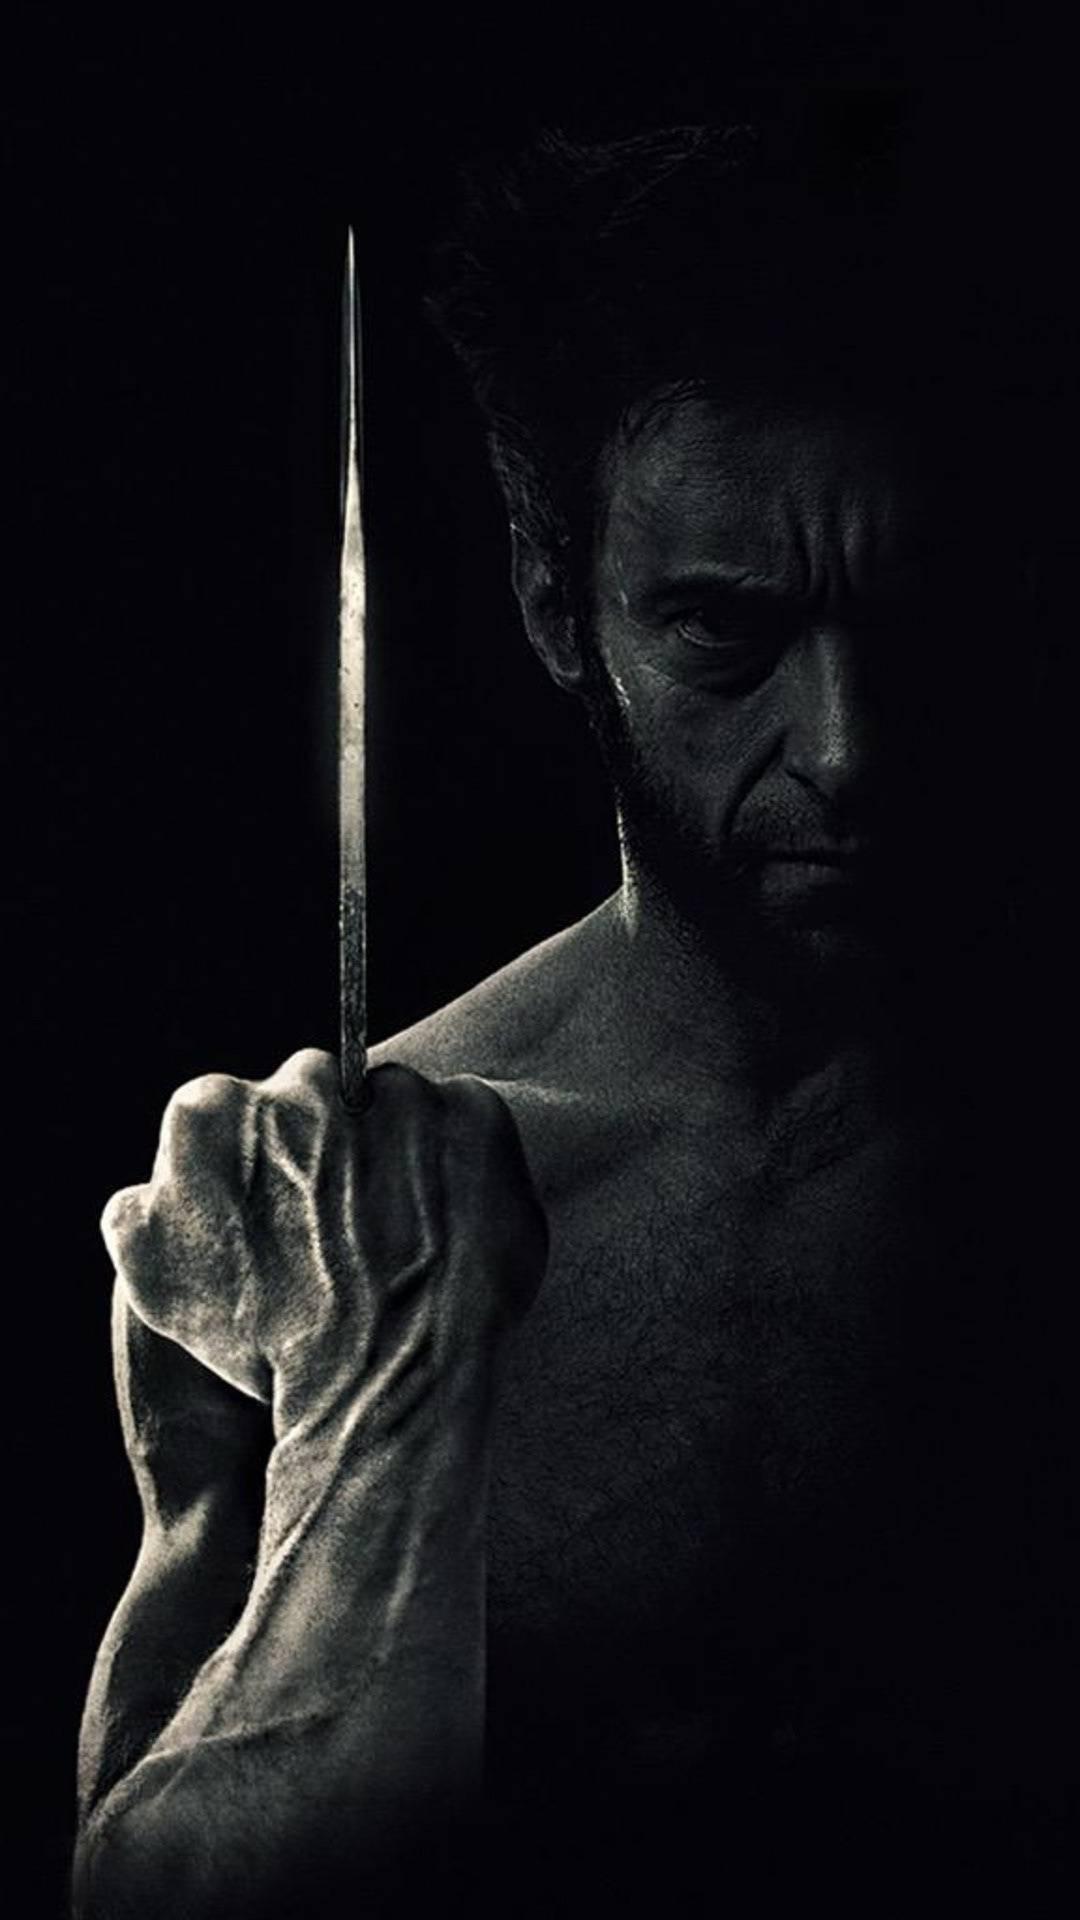 Wolverine Dark iPhone Wallpaper